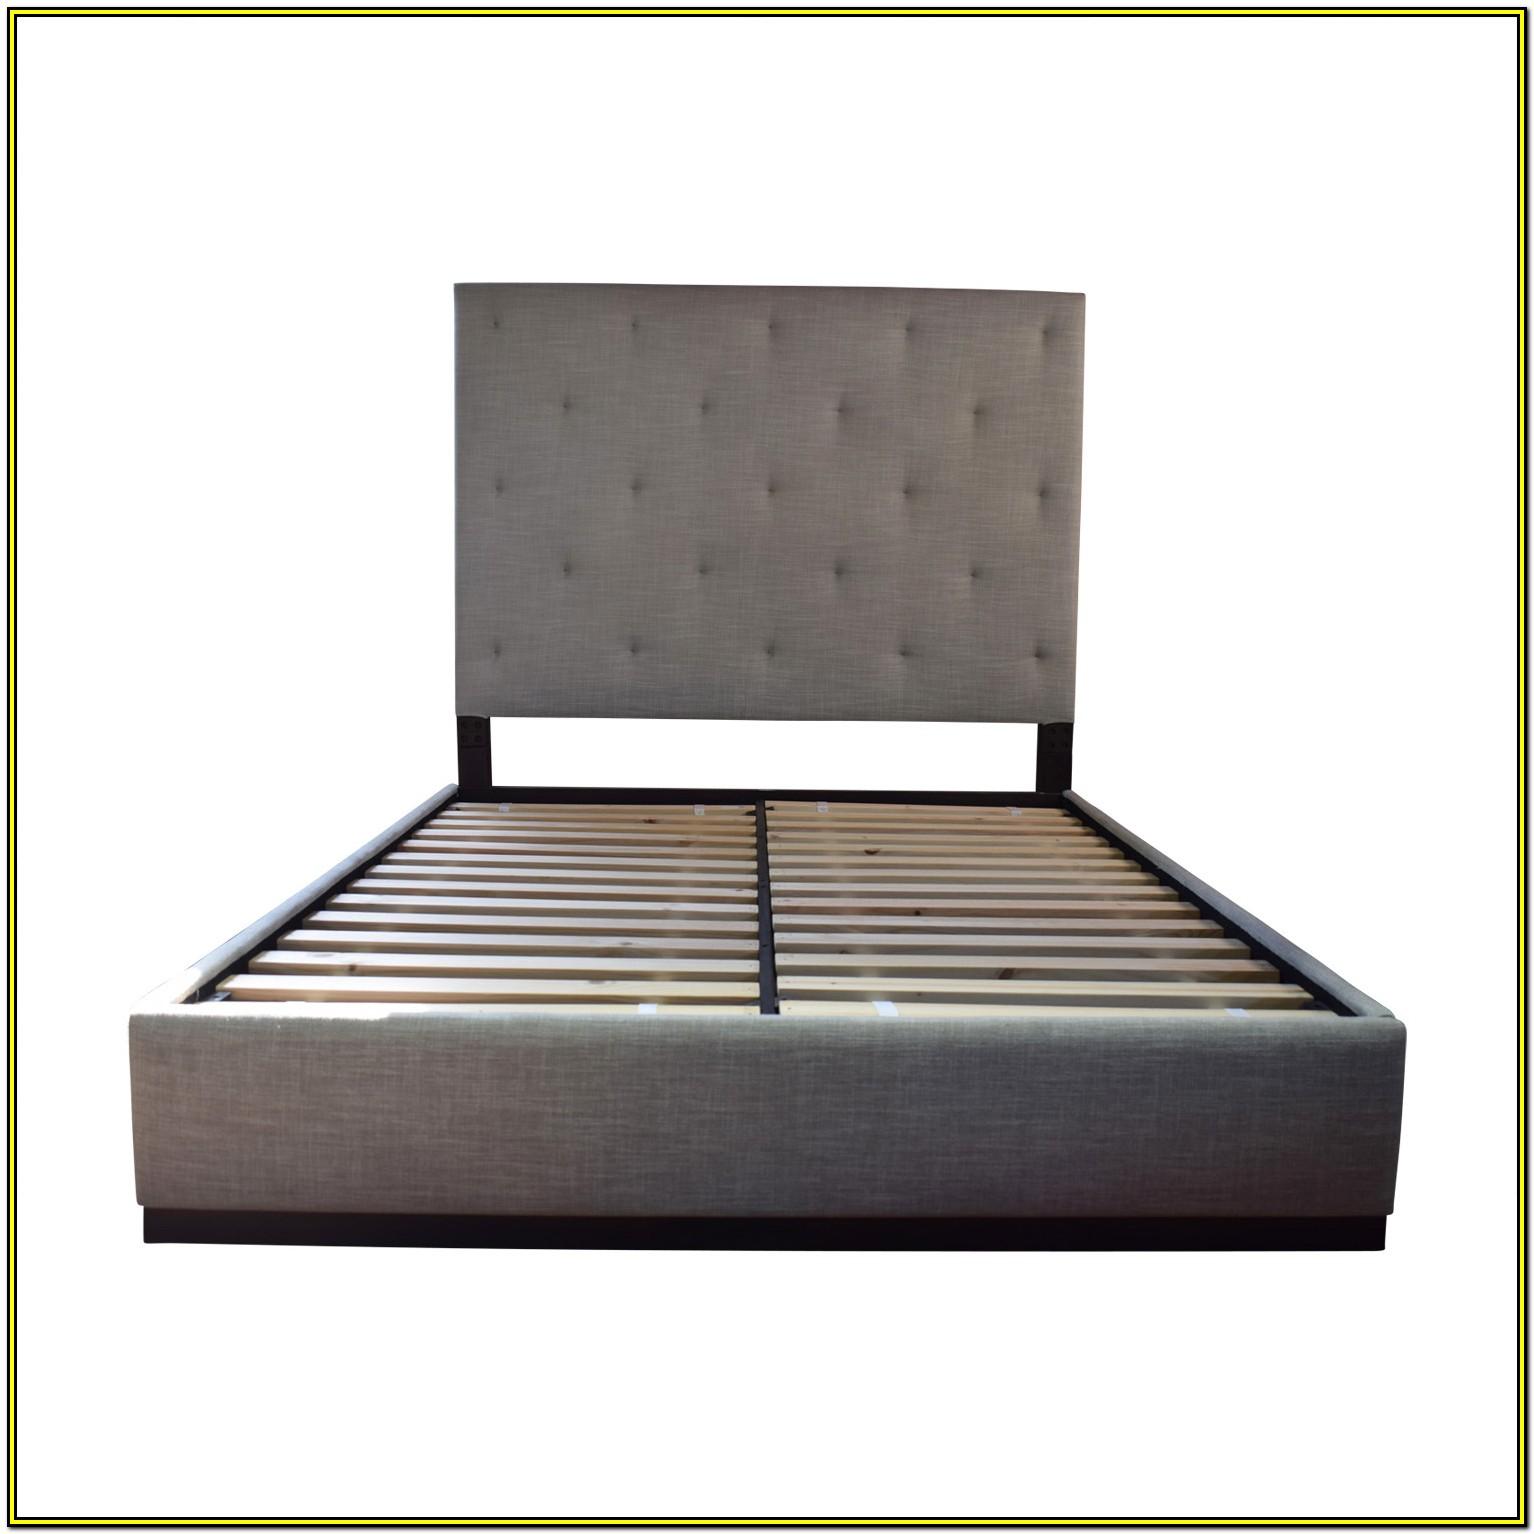 Tufted Platform Bed Frame Queen